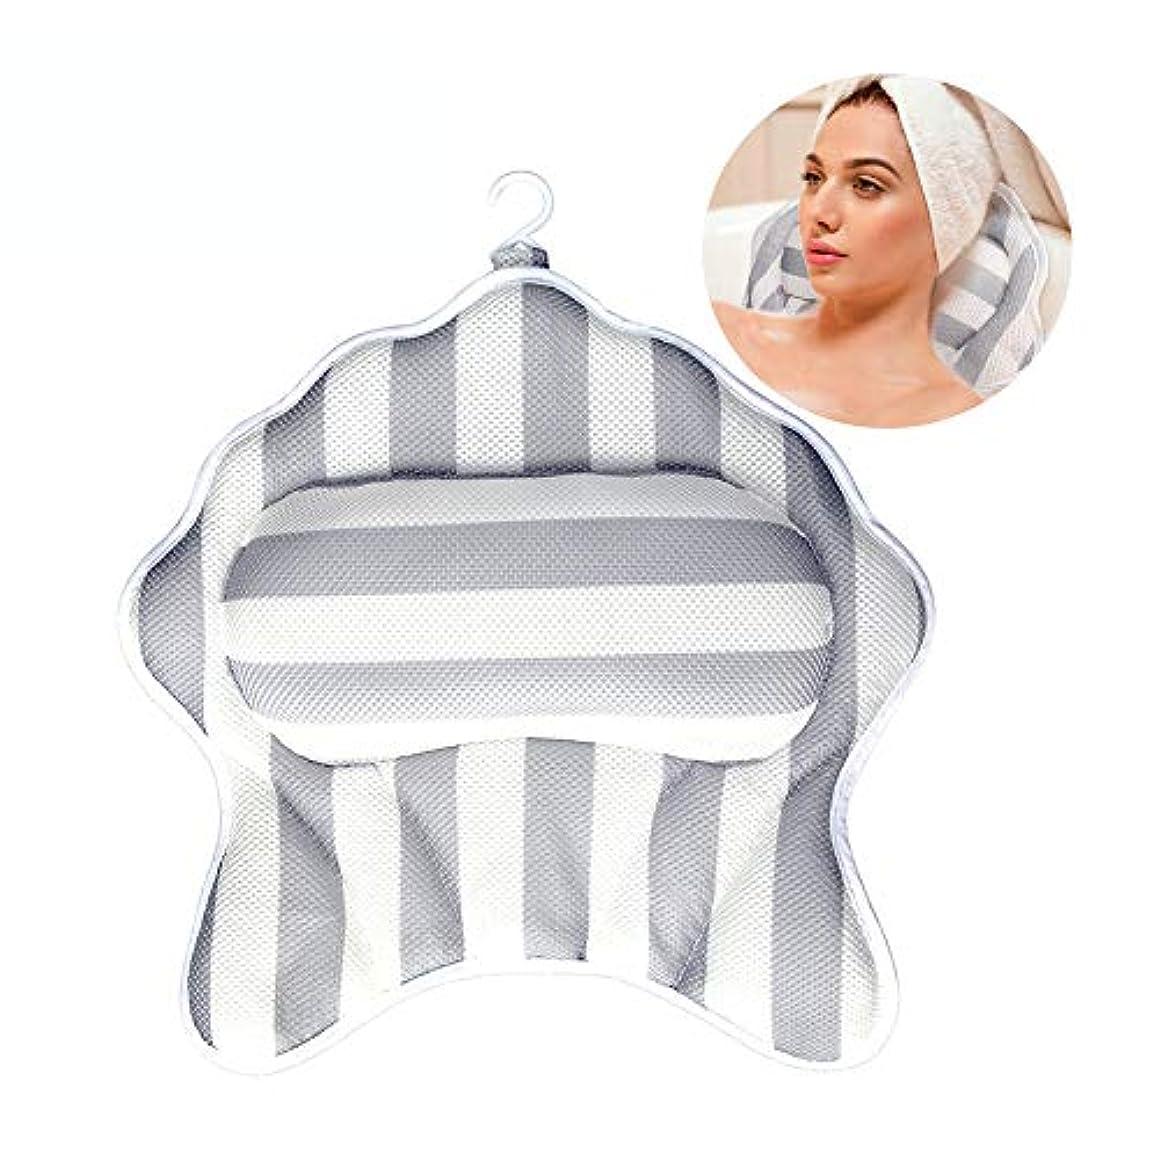 スキークレタベット3dメッシュヒトデスパマッサージバスタブ枕浴室枕クッションwith6強い吸引カップは洗濯機で洗えます